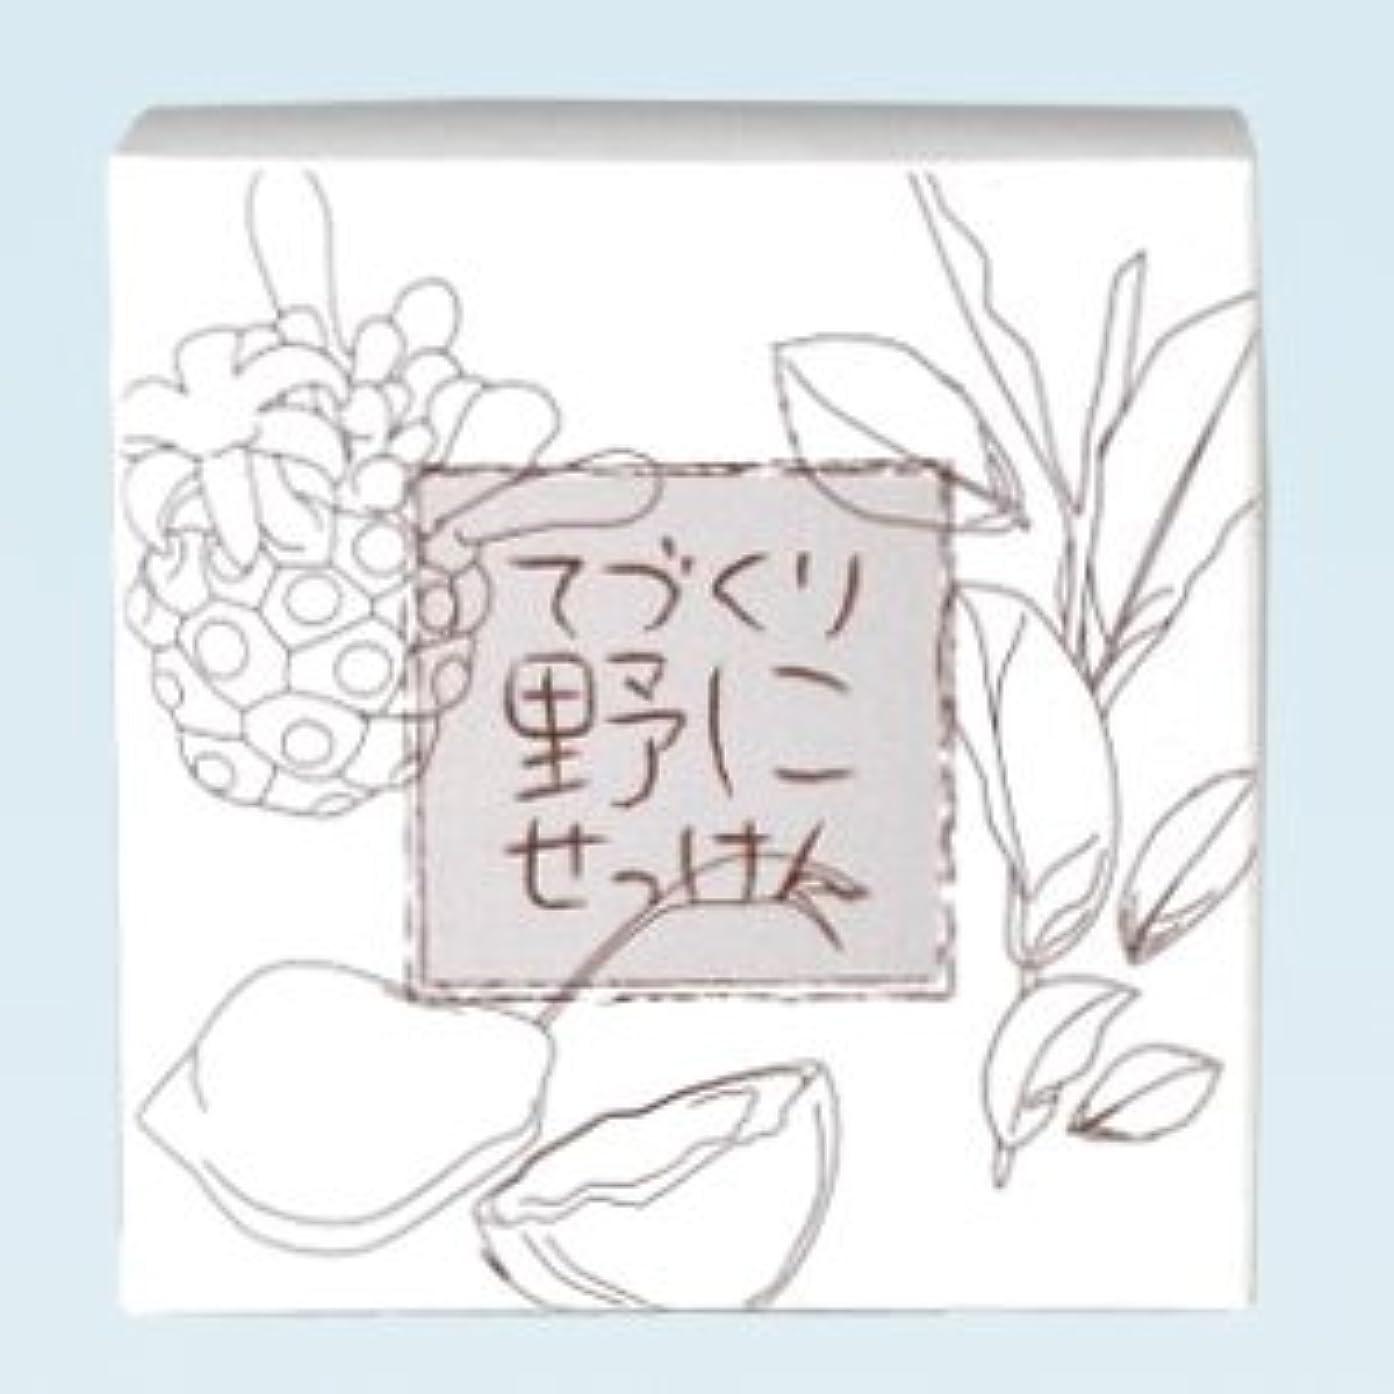 のみパラシュート尽きる緑茶ノニ石鹸 てづくり野にせっけん(115g)